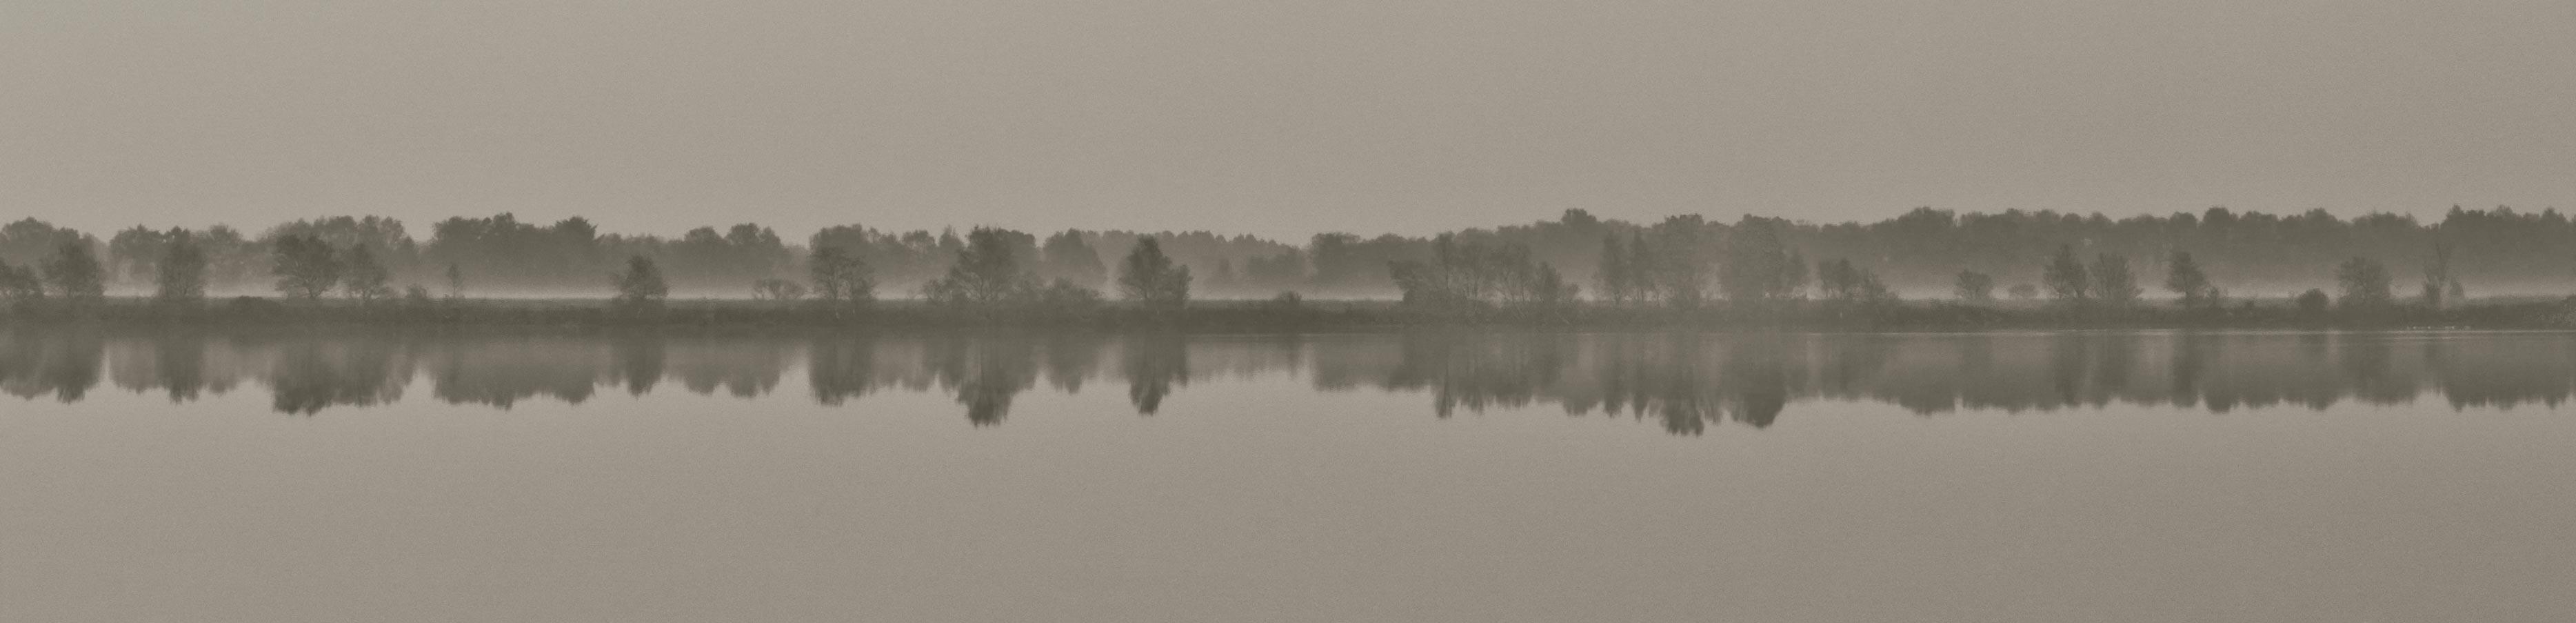 Landschaft Pigmentdruck auf Papier ca. 140x34cm, 2014